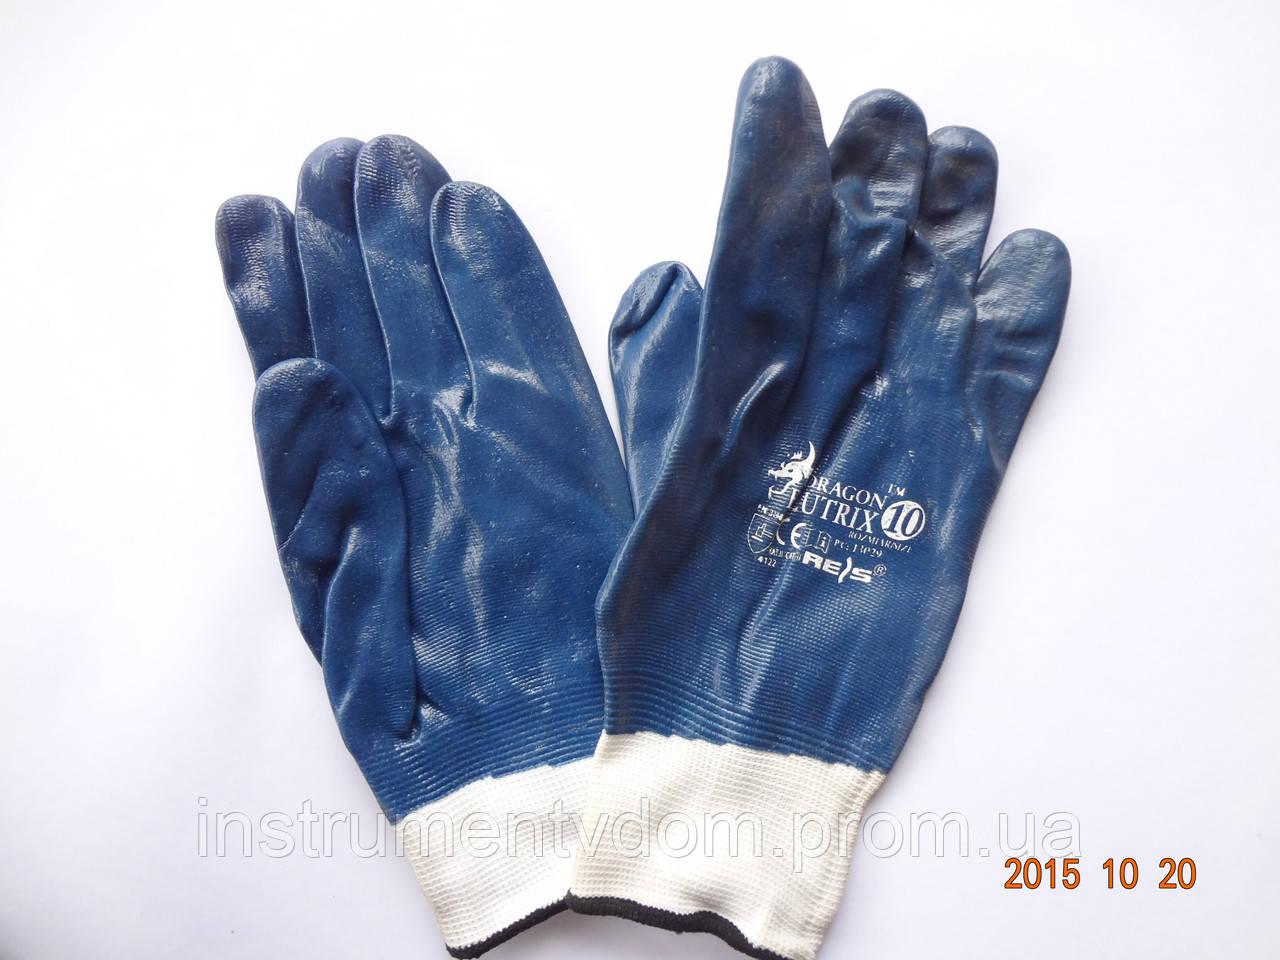 Перчатки синие защитные из полиэфира с нитриловым покрытием REIS DRAGON BLUTRIX (упаковка 12 пар)